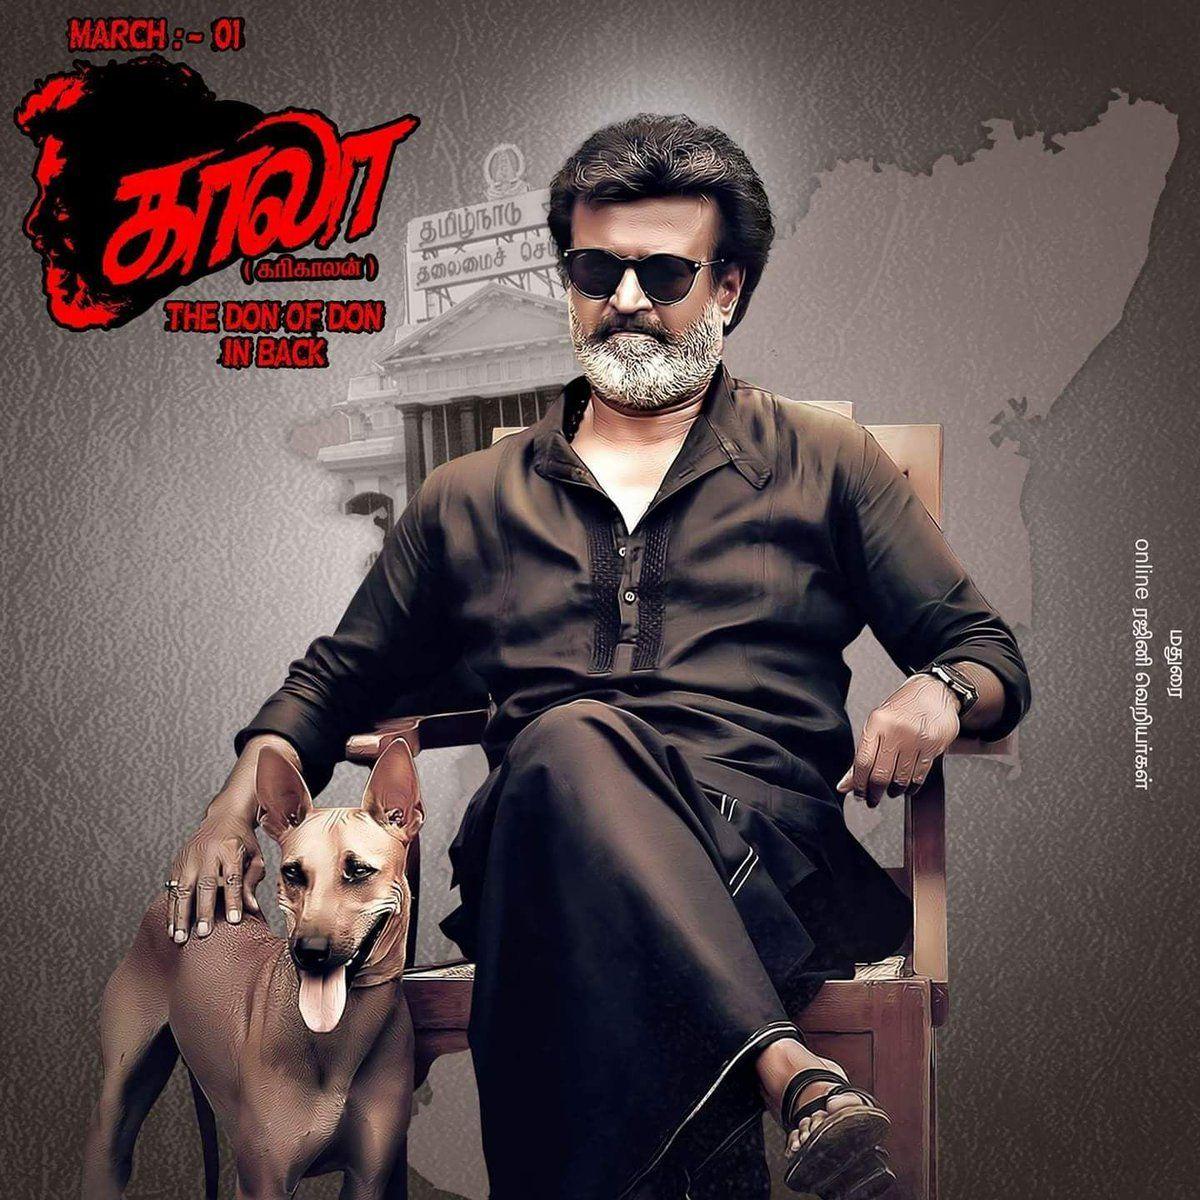 Murattu Kaalai Tamil Movie Stills: Here Are The New Stills Of Super Star Rajini From Kaala